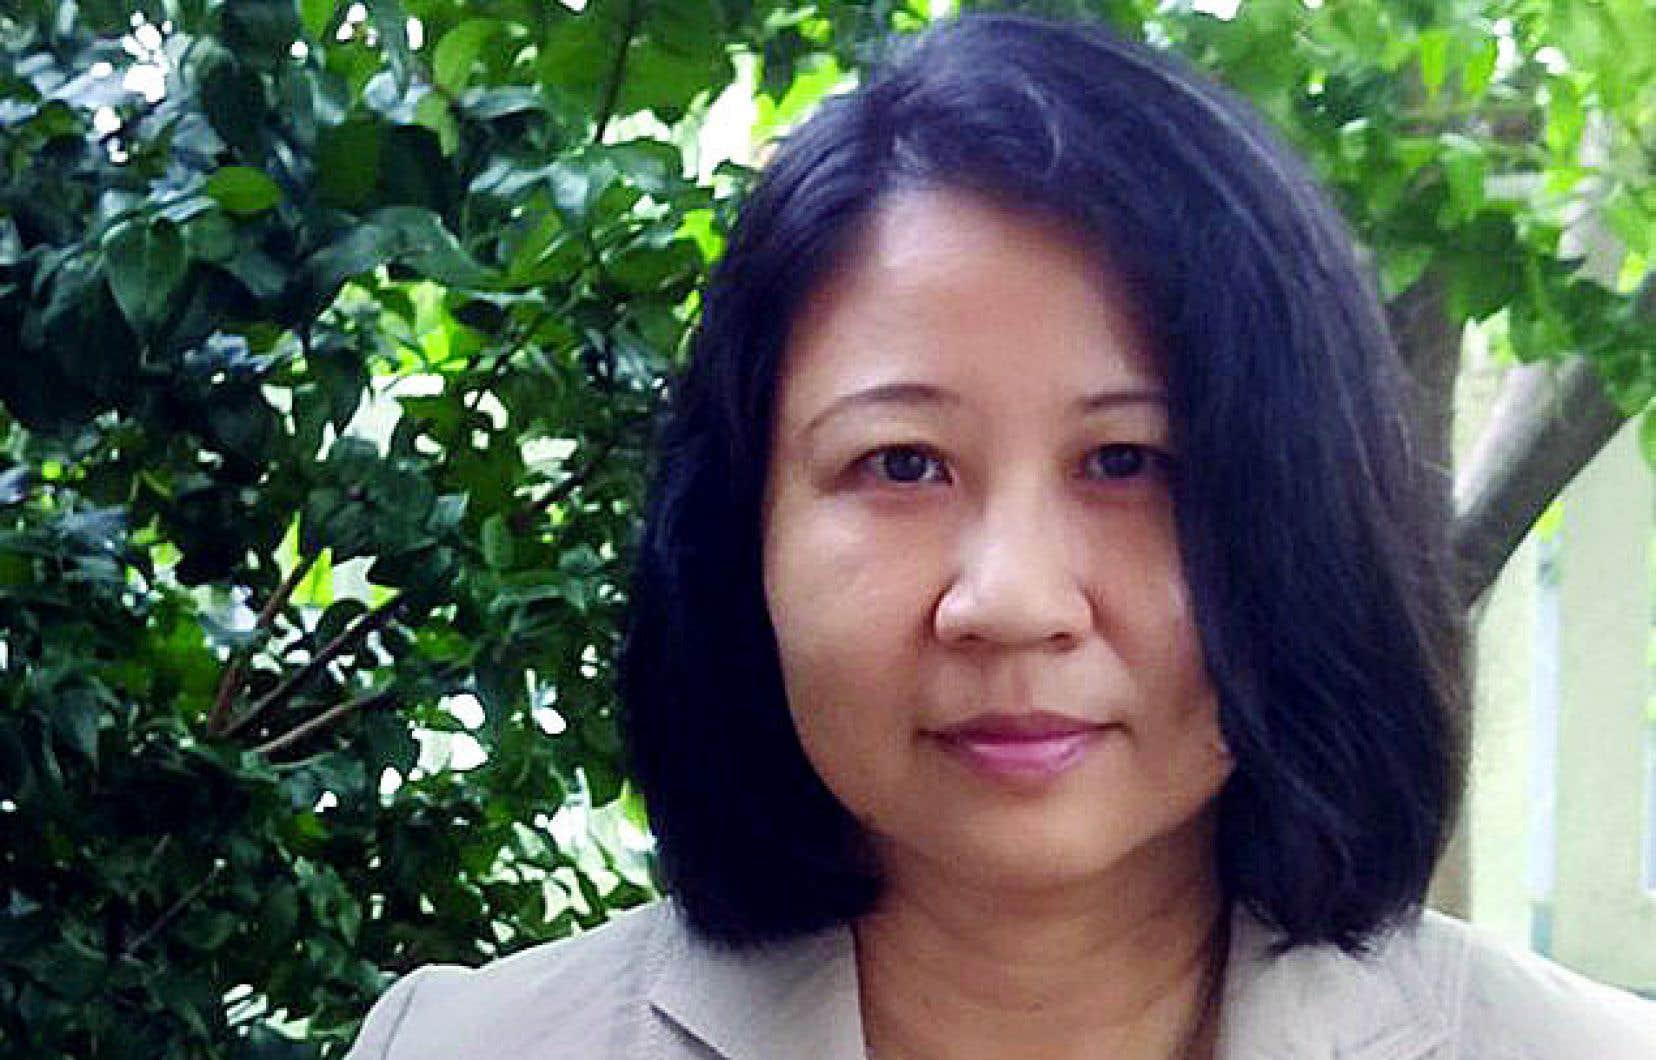 Le livre de Shih-Li Kow est une rare incursion littéraire — en traduction à tout le moins — en Malaisie, ce pays multiculturel.